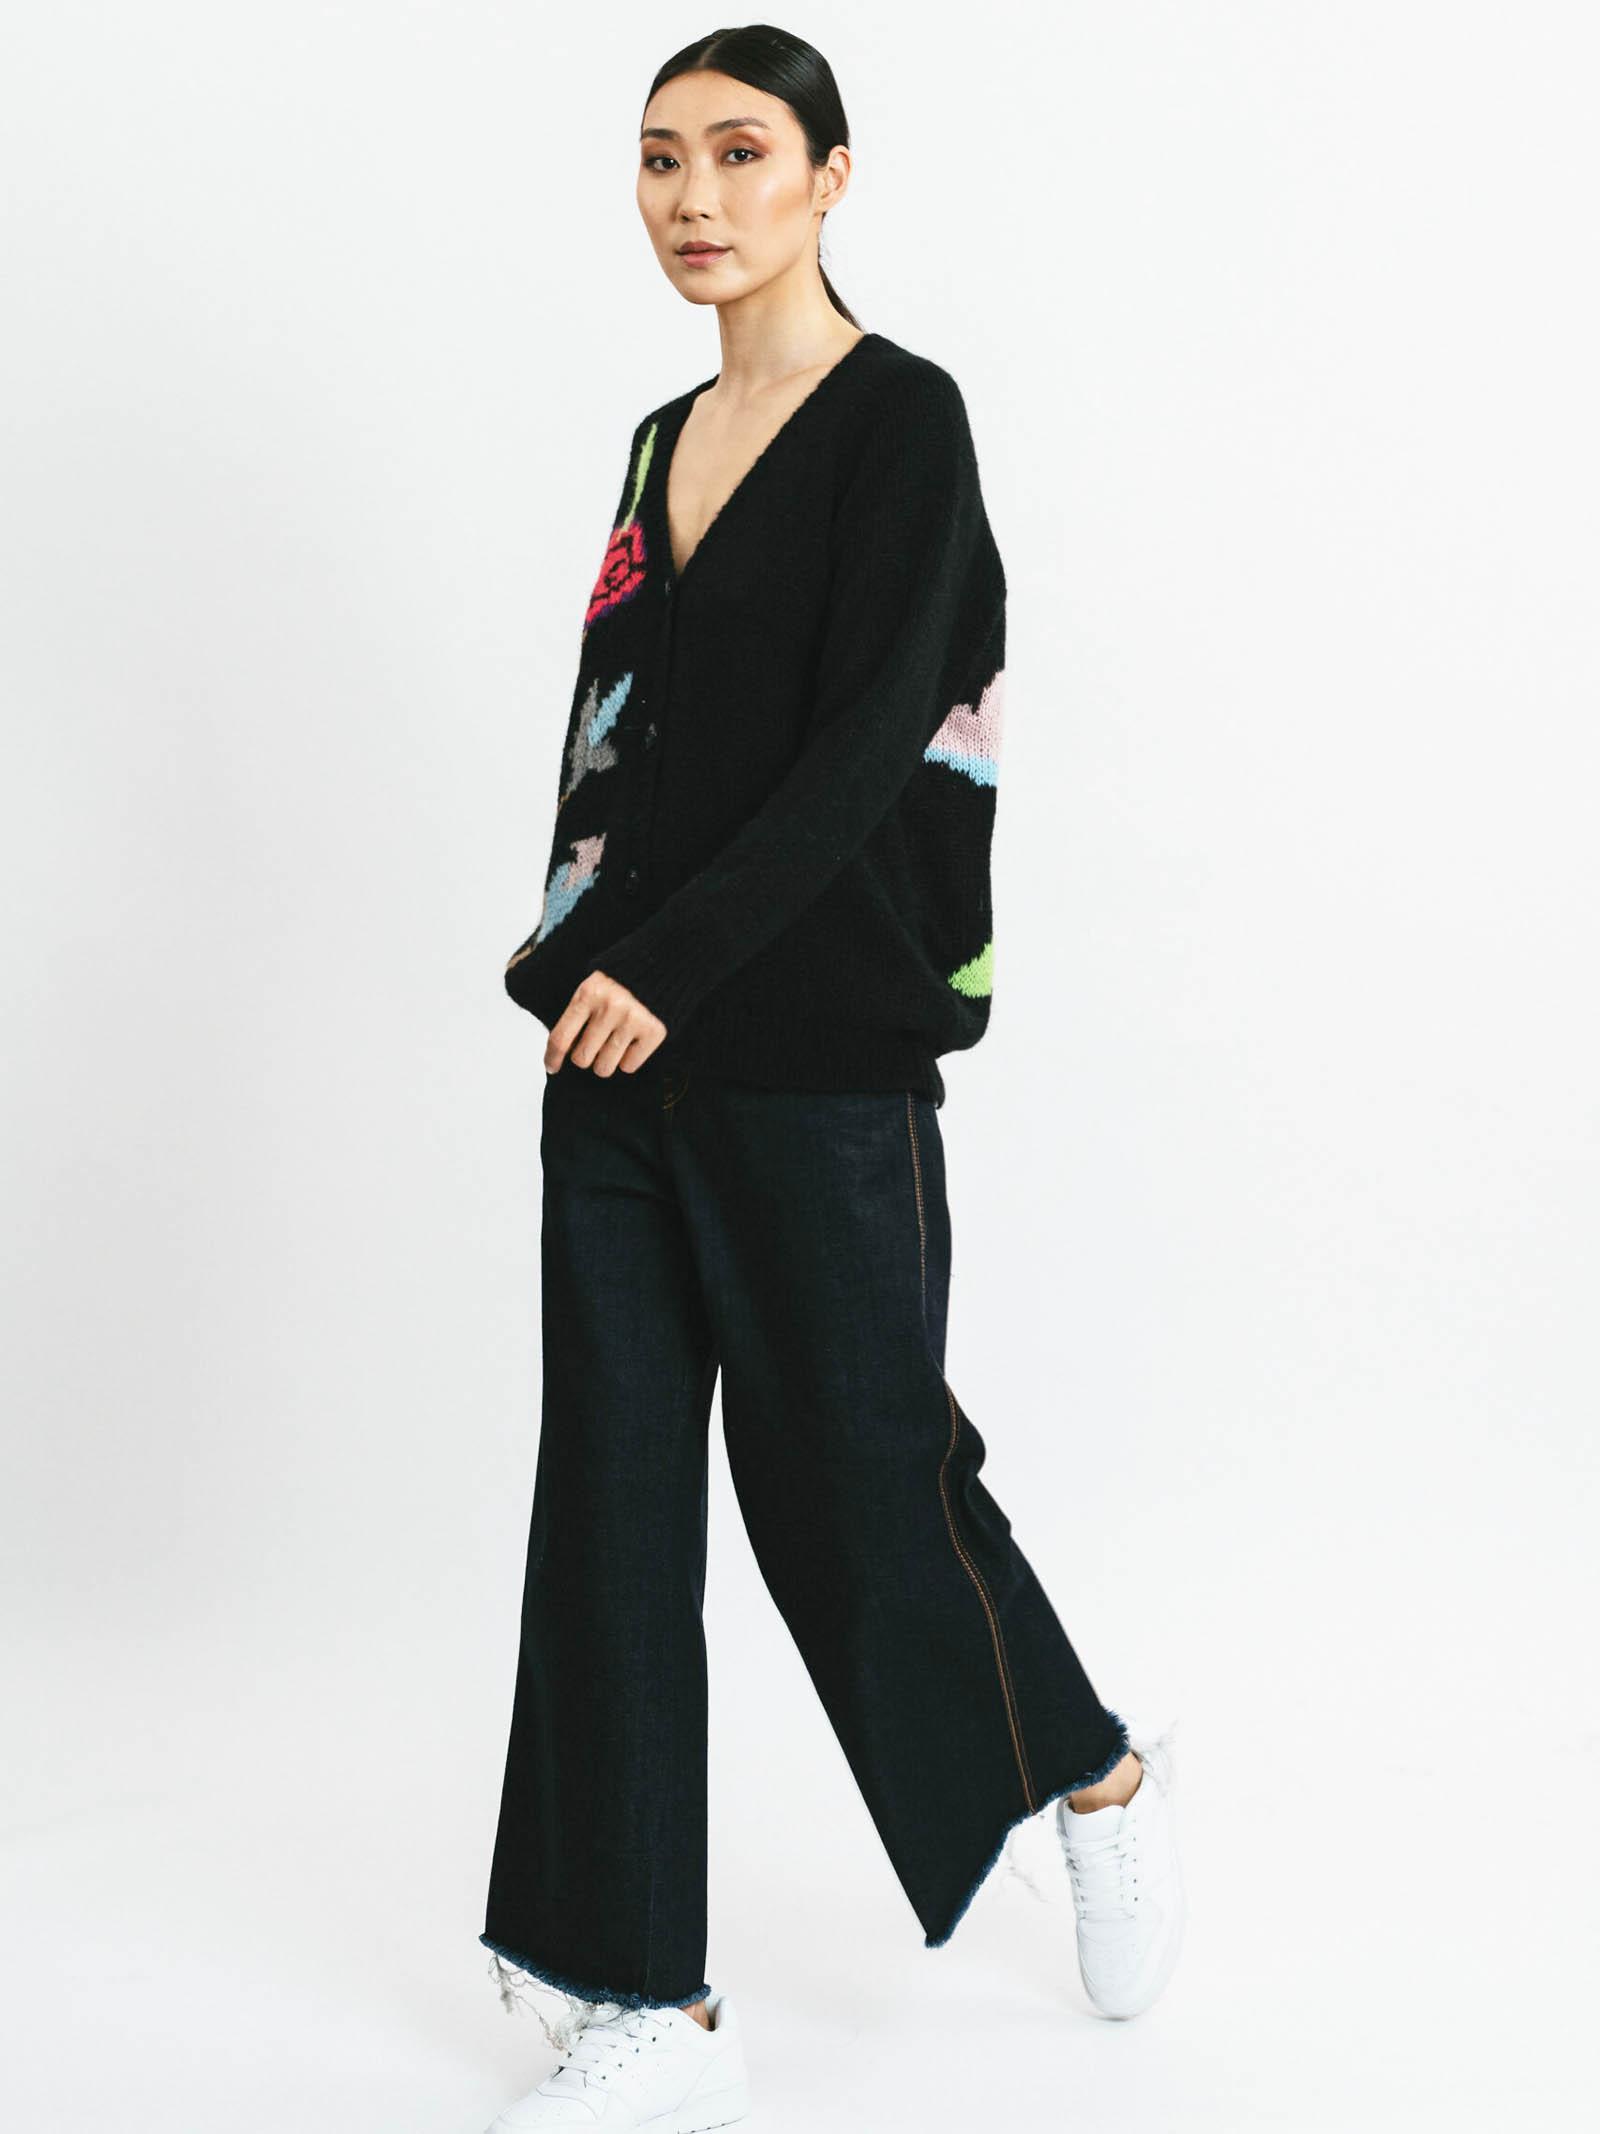 Abbigliamento Donna Cardigan in Lana Mohair Nero con Ricarmi e Scollo Profondo Pink Memories   Maglieria   1111602